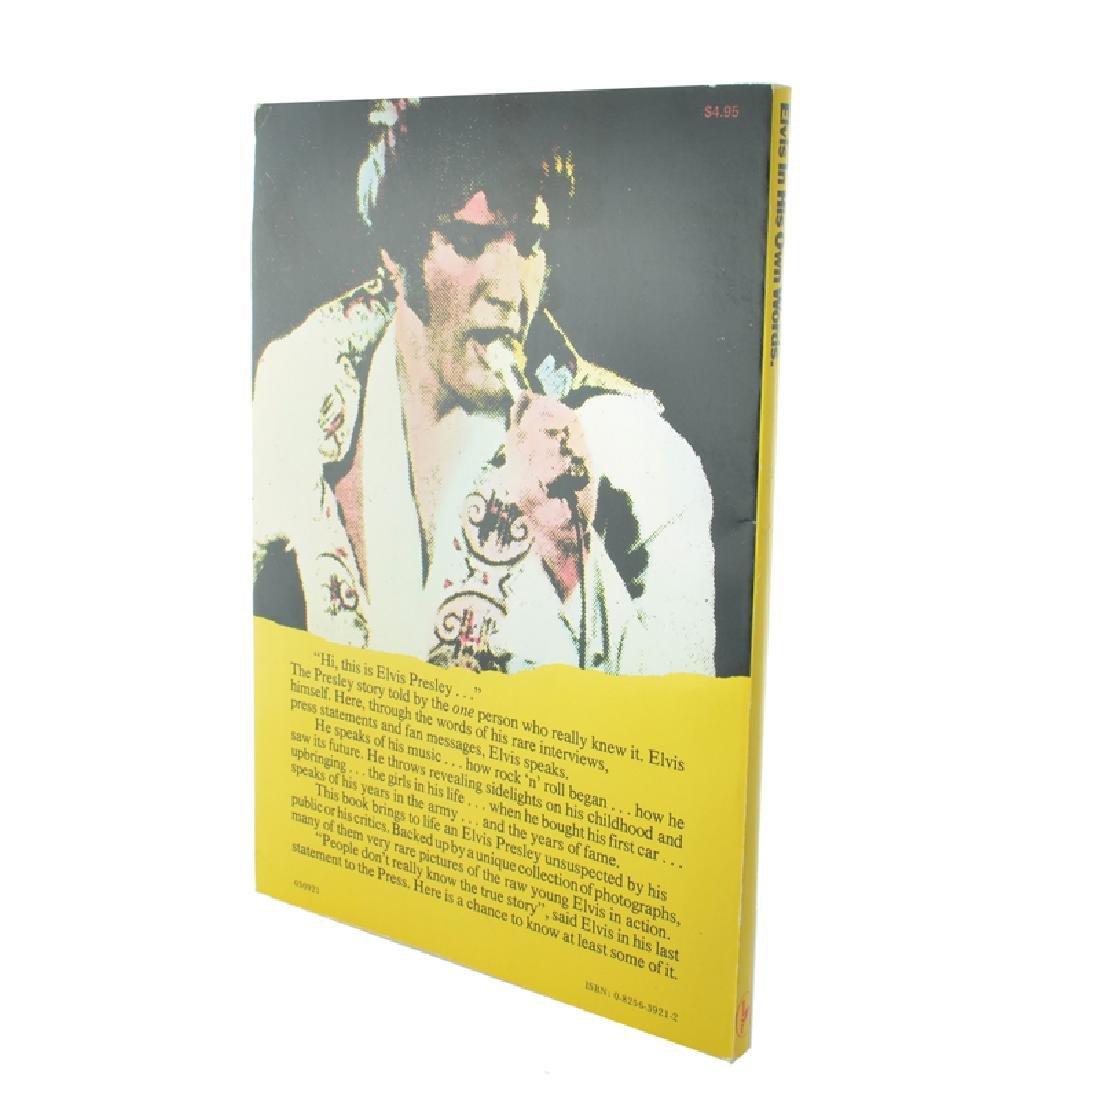 Elvis In His Own Words (Paperback) - 2